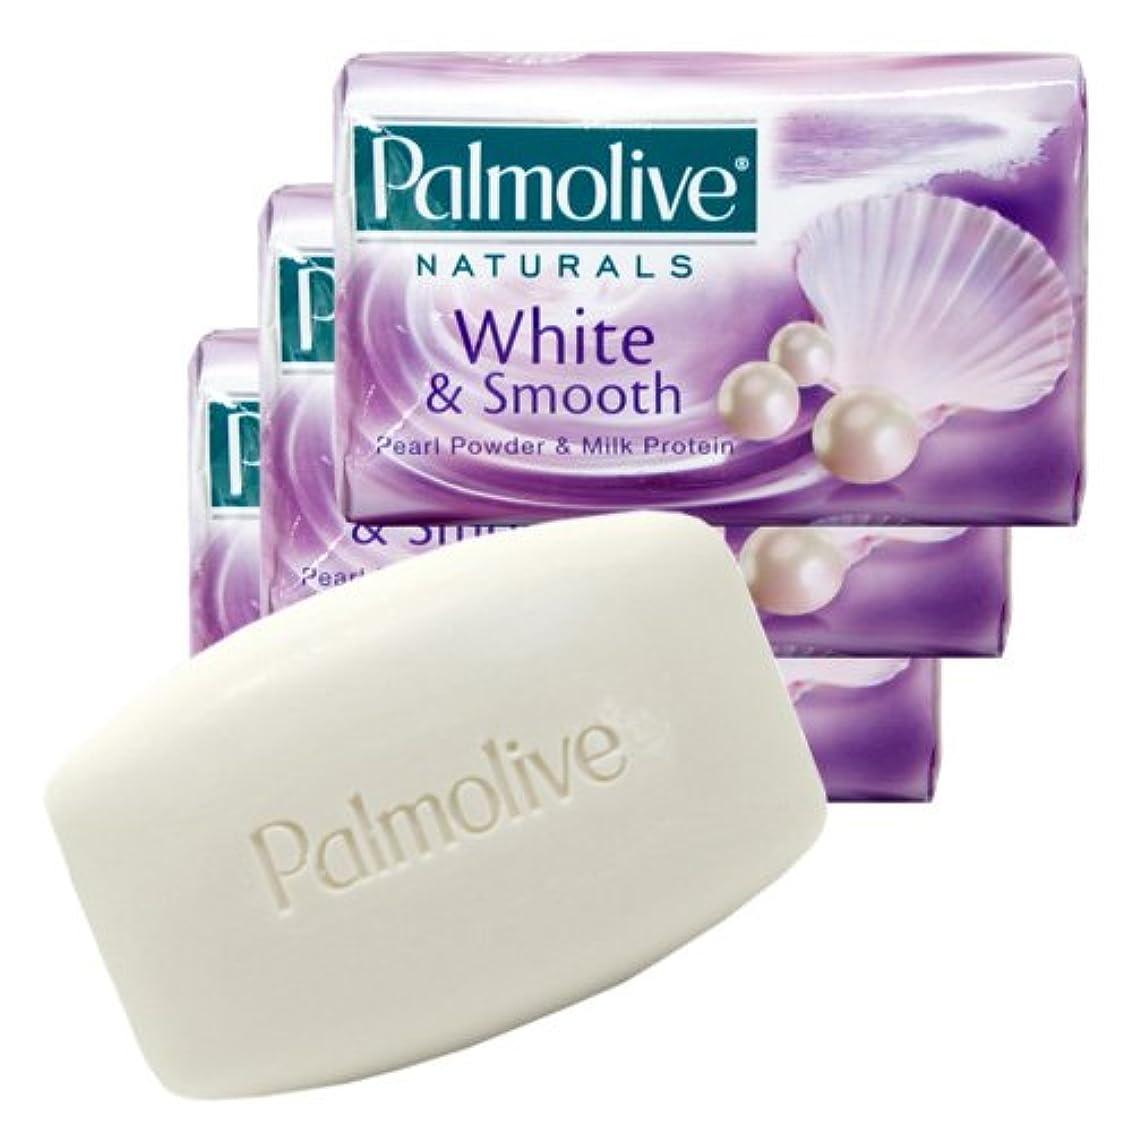 安西瞳私達【Palmolive】パルモリーブ ナチュラルズ石鹸3個パック ホワイト&スムース(パールパウダー&ミルクプロテイン)80g×3